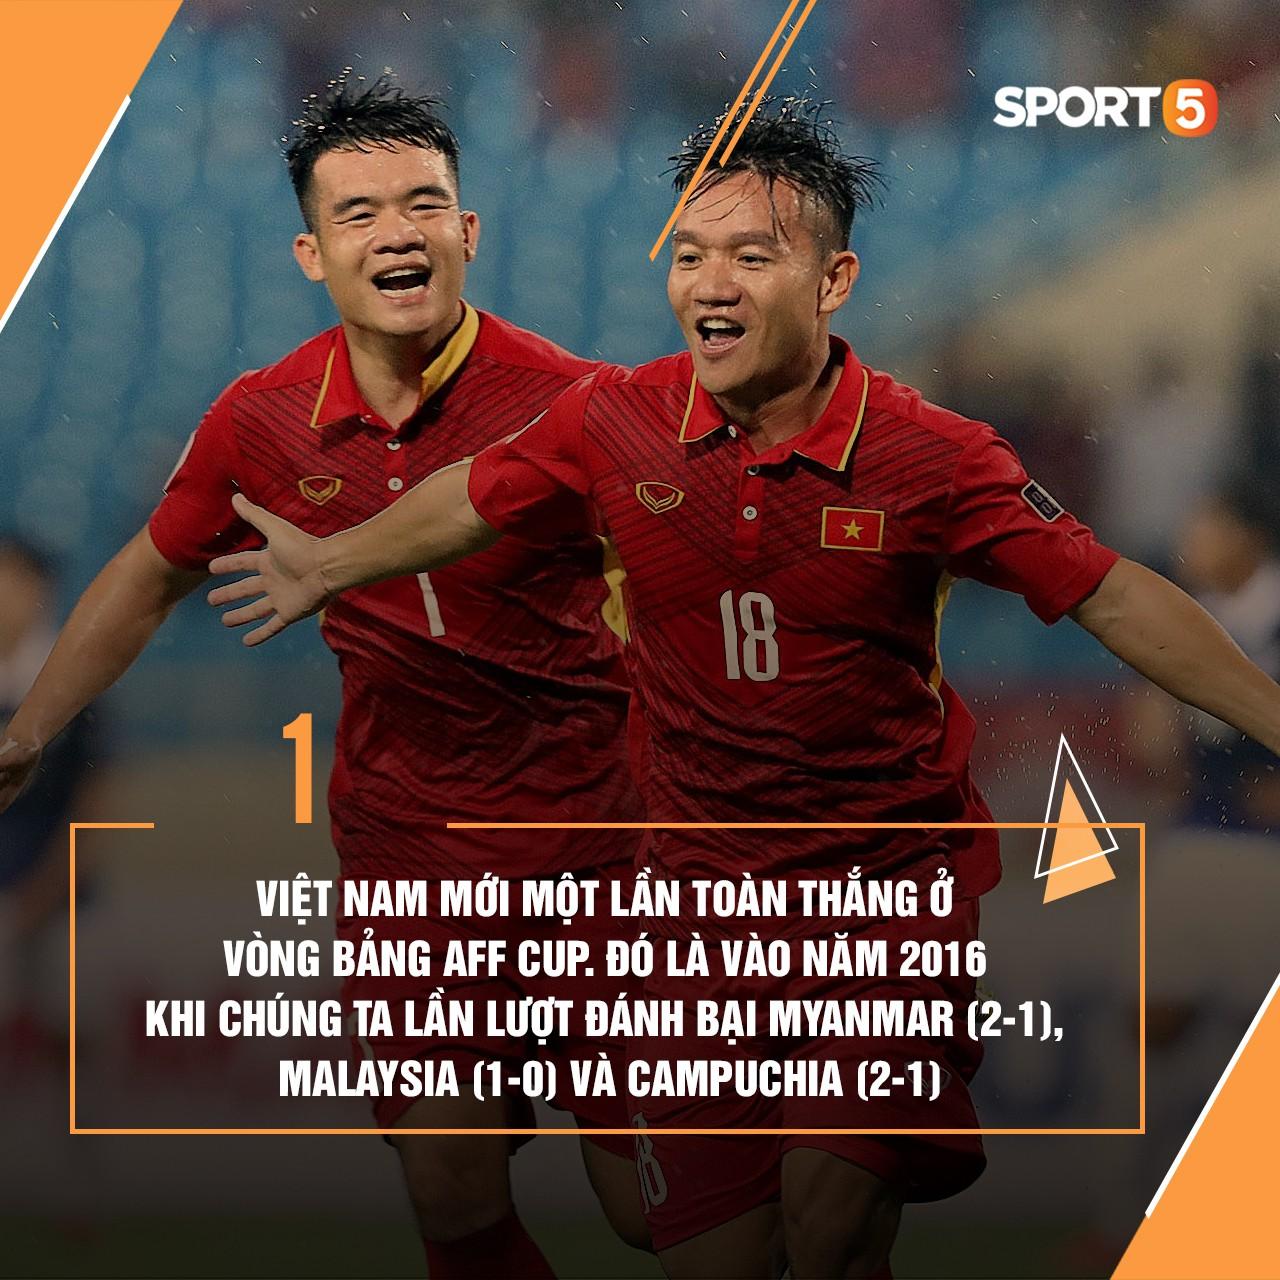 Những thống kê thú vị về tuyển Việt Nam ở AFF Cup - Ảnh 9.